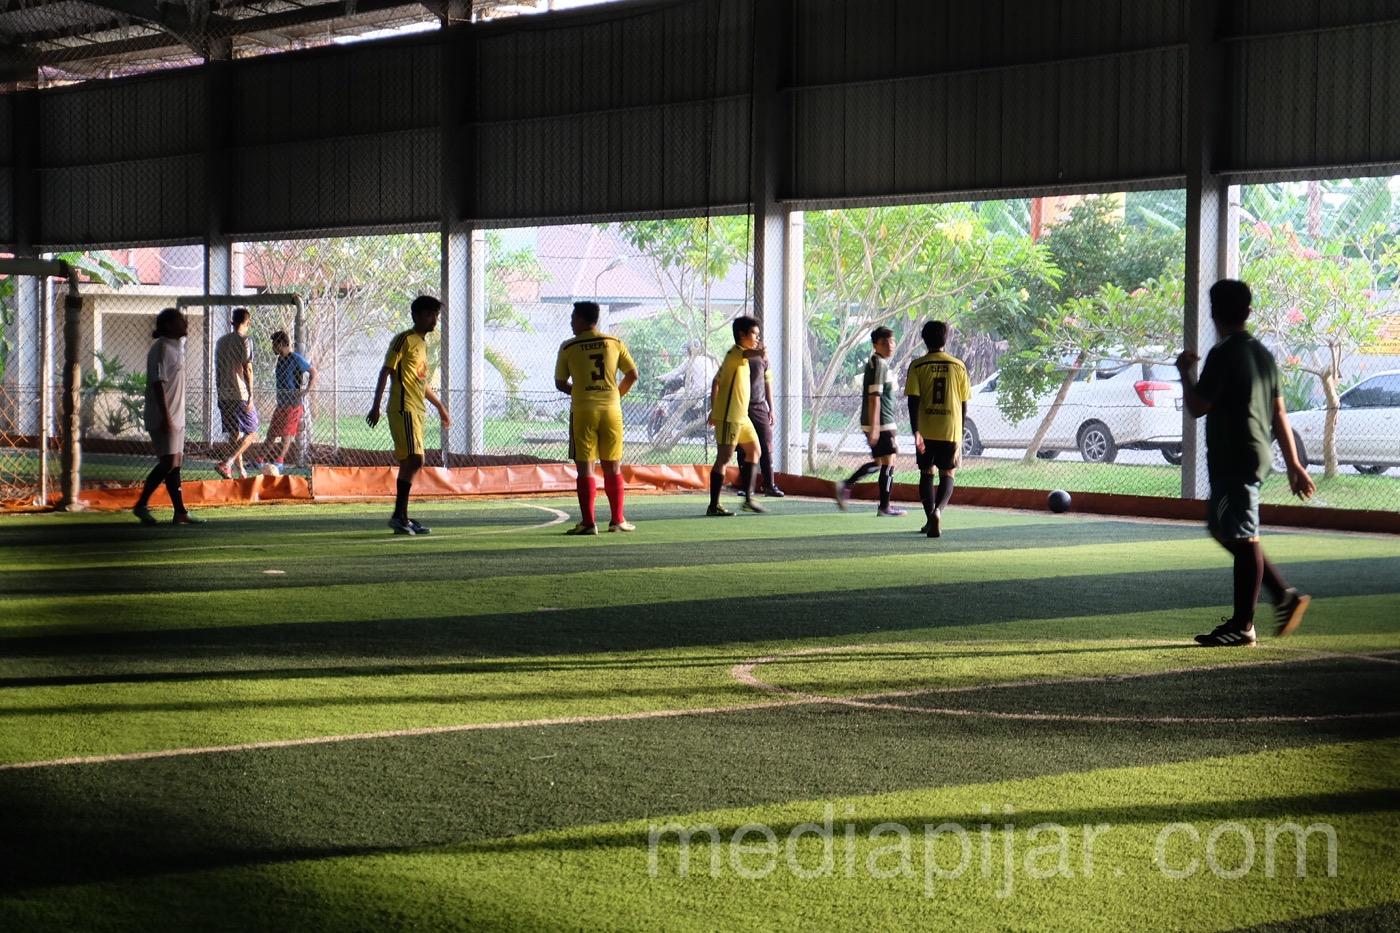 Pertandingan Futsal yang dilaksanakan di Village Futsal pada acara Communication Cup 2018 (12/5). (Fotografer: Putri Arum Marzura)